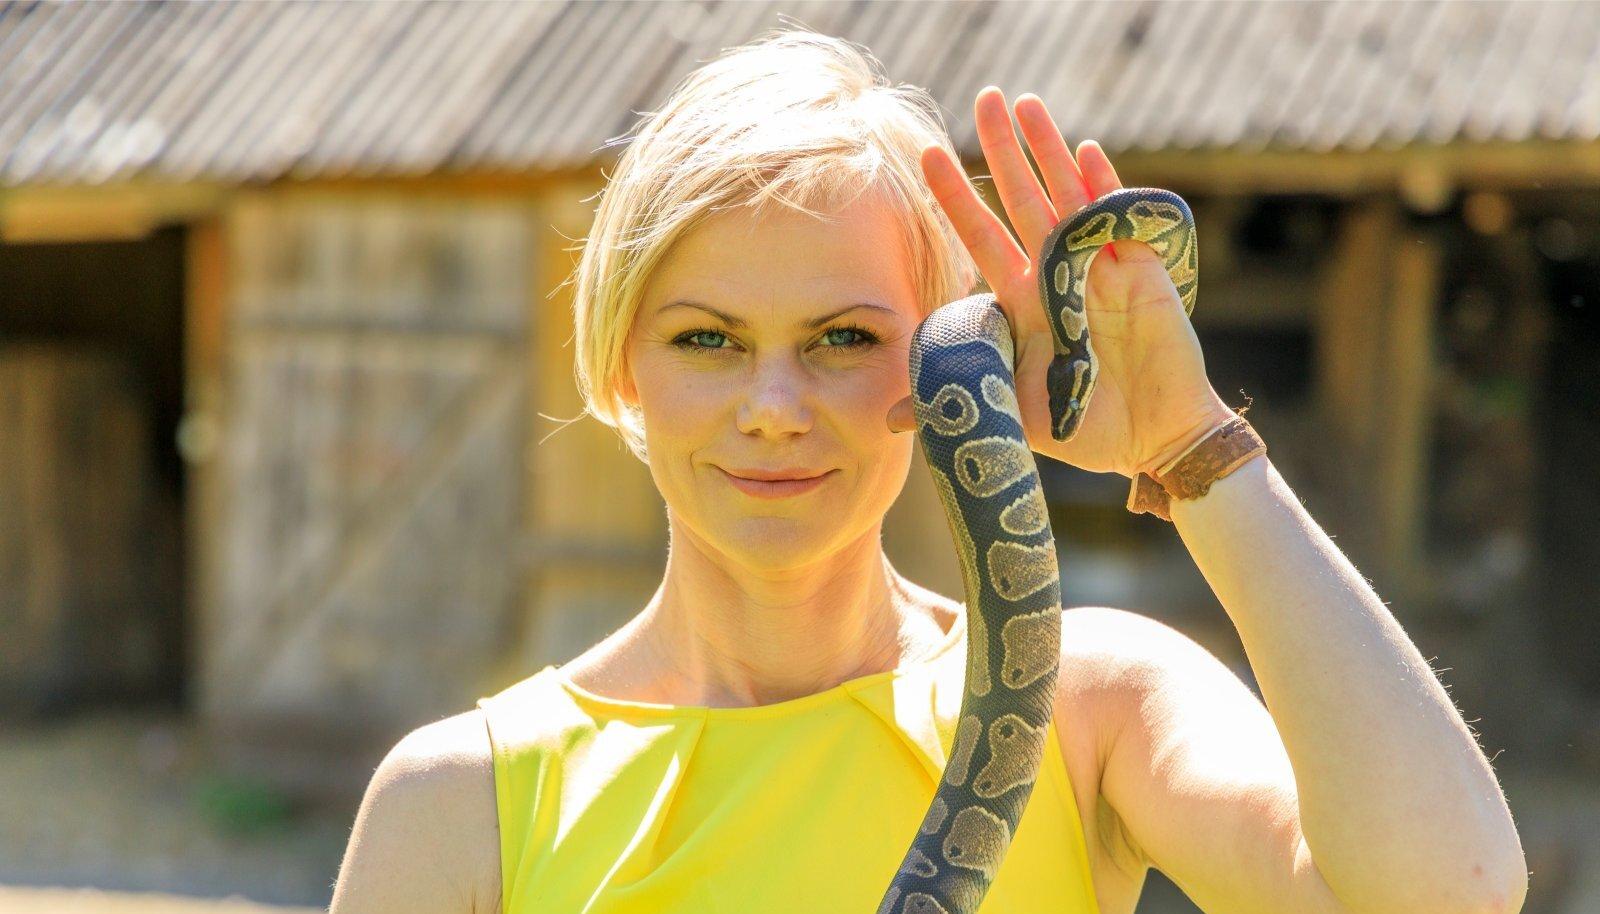 """SELJATAS MAOFOOBIA Heidi Hanso võttis endale roomaja, et saada võitu maohirmust. """"Roomajaga saab olla heas kontaktis üksnes siis, kui ise jääd maru rahulikuks,"""" ütleb ta."""